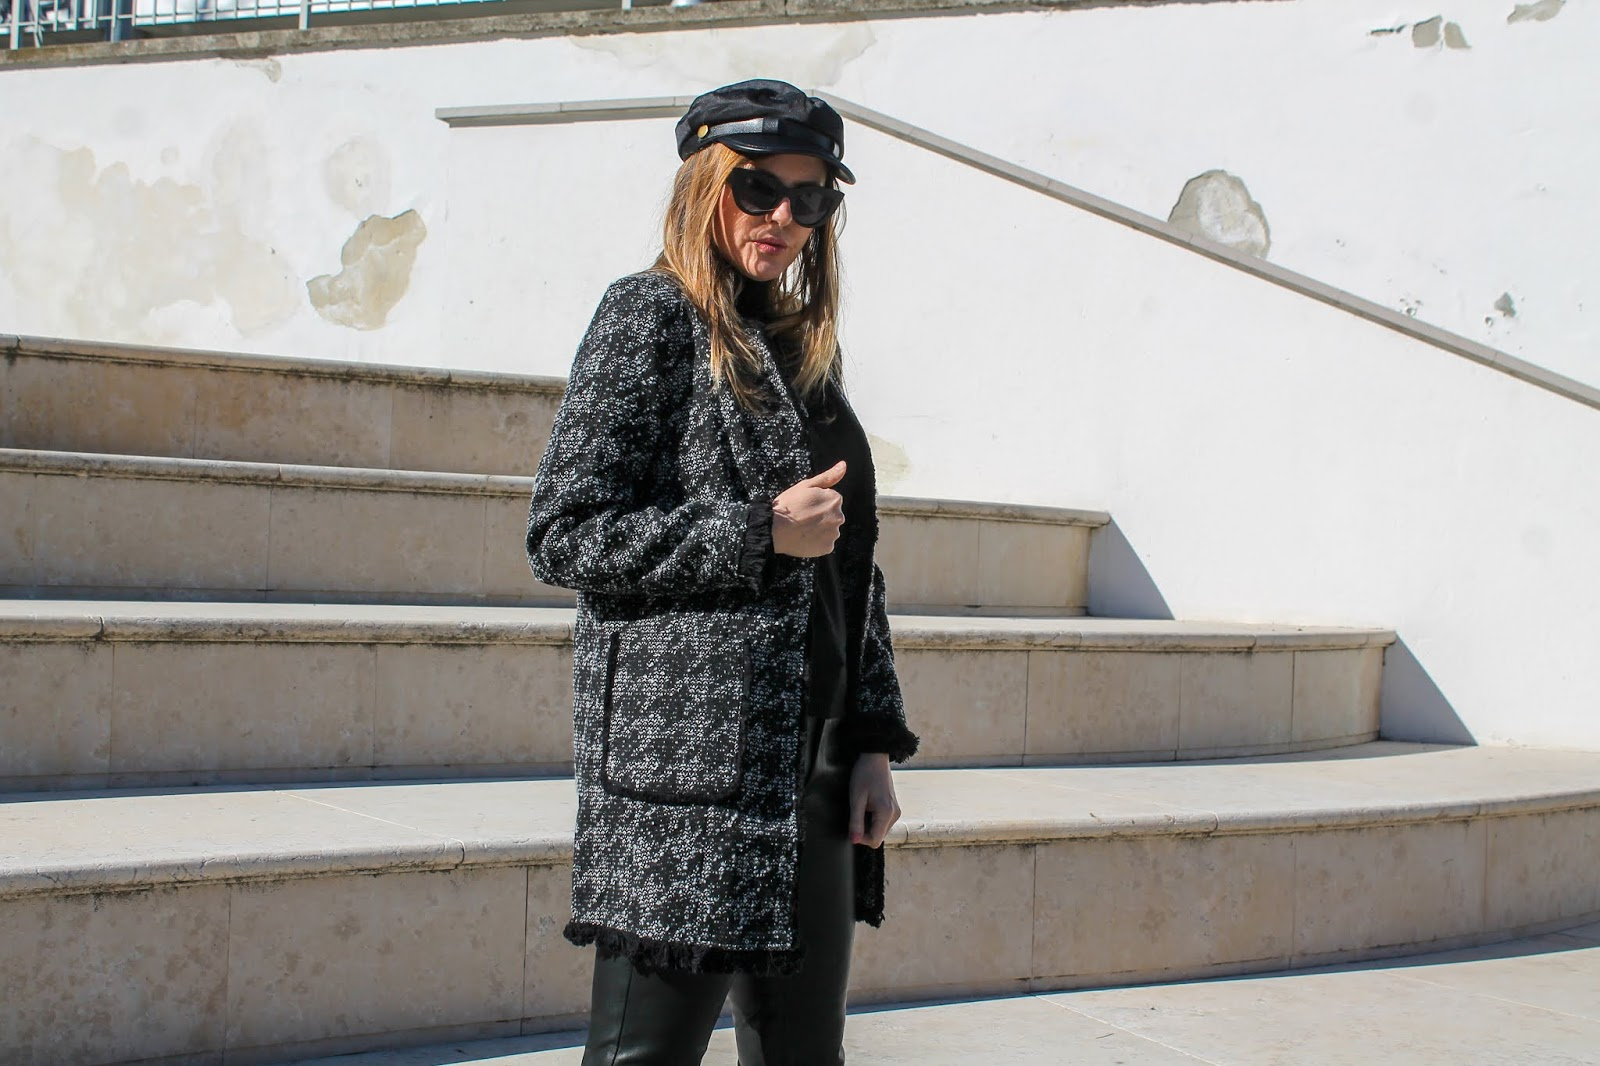 giacca pied de poule 2020